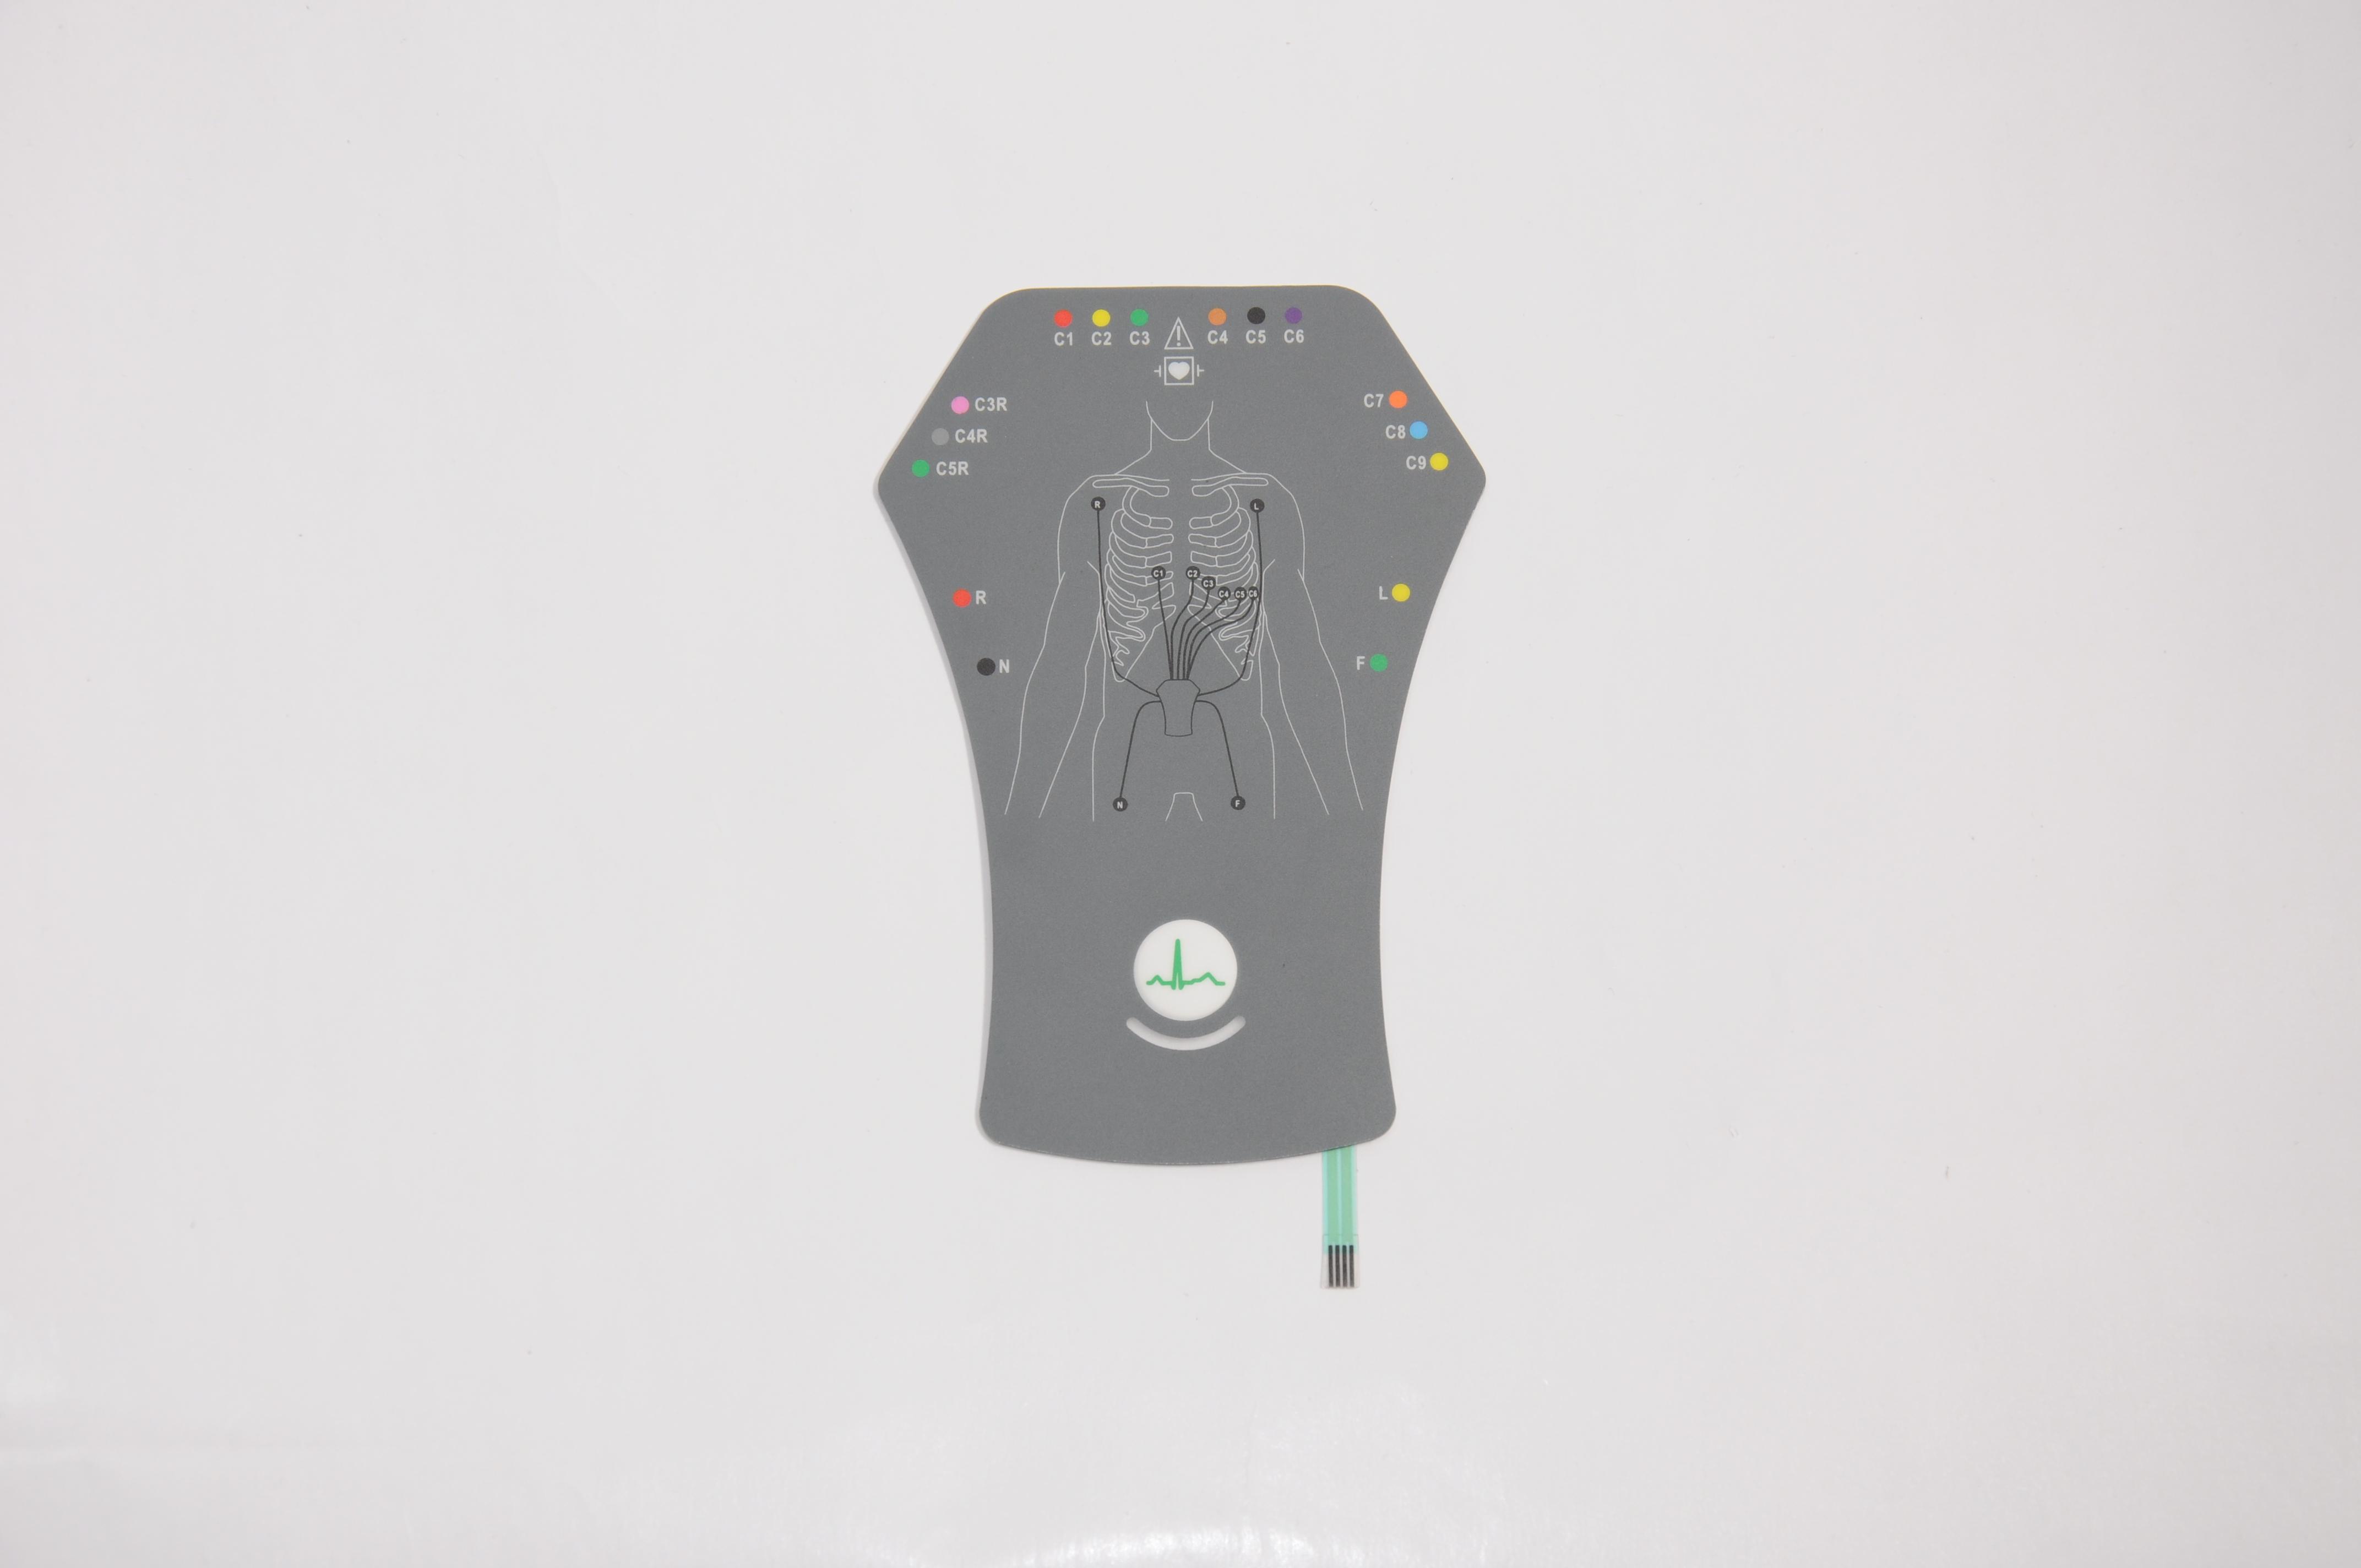 fpc薄膜开关-医疗薄膜面板-导电薄膜面板印刷